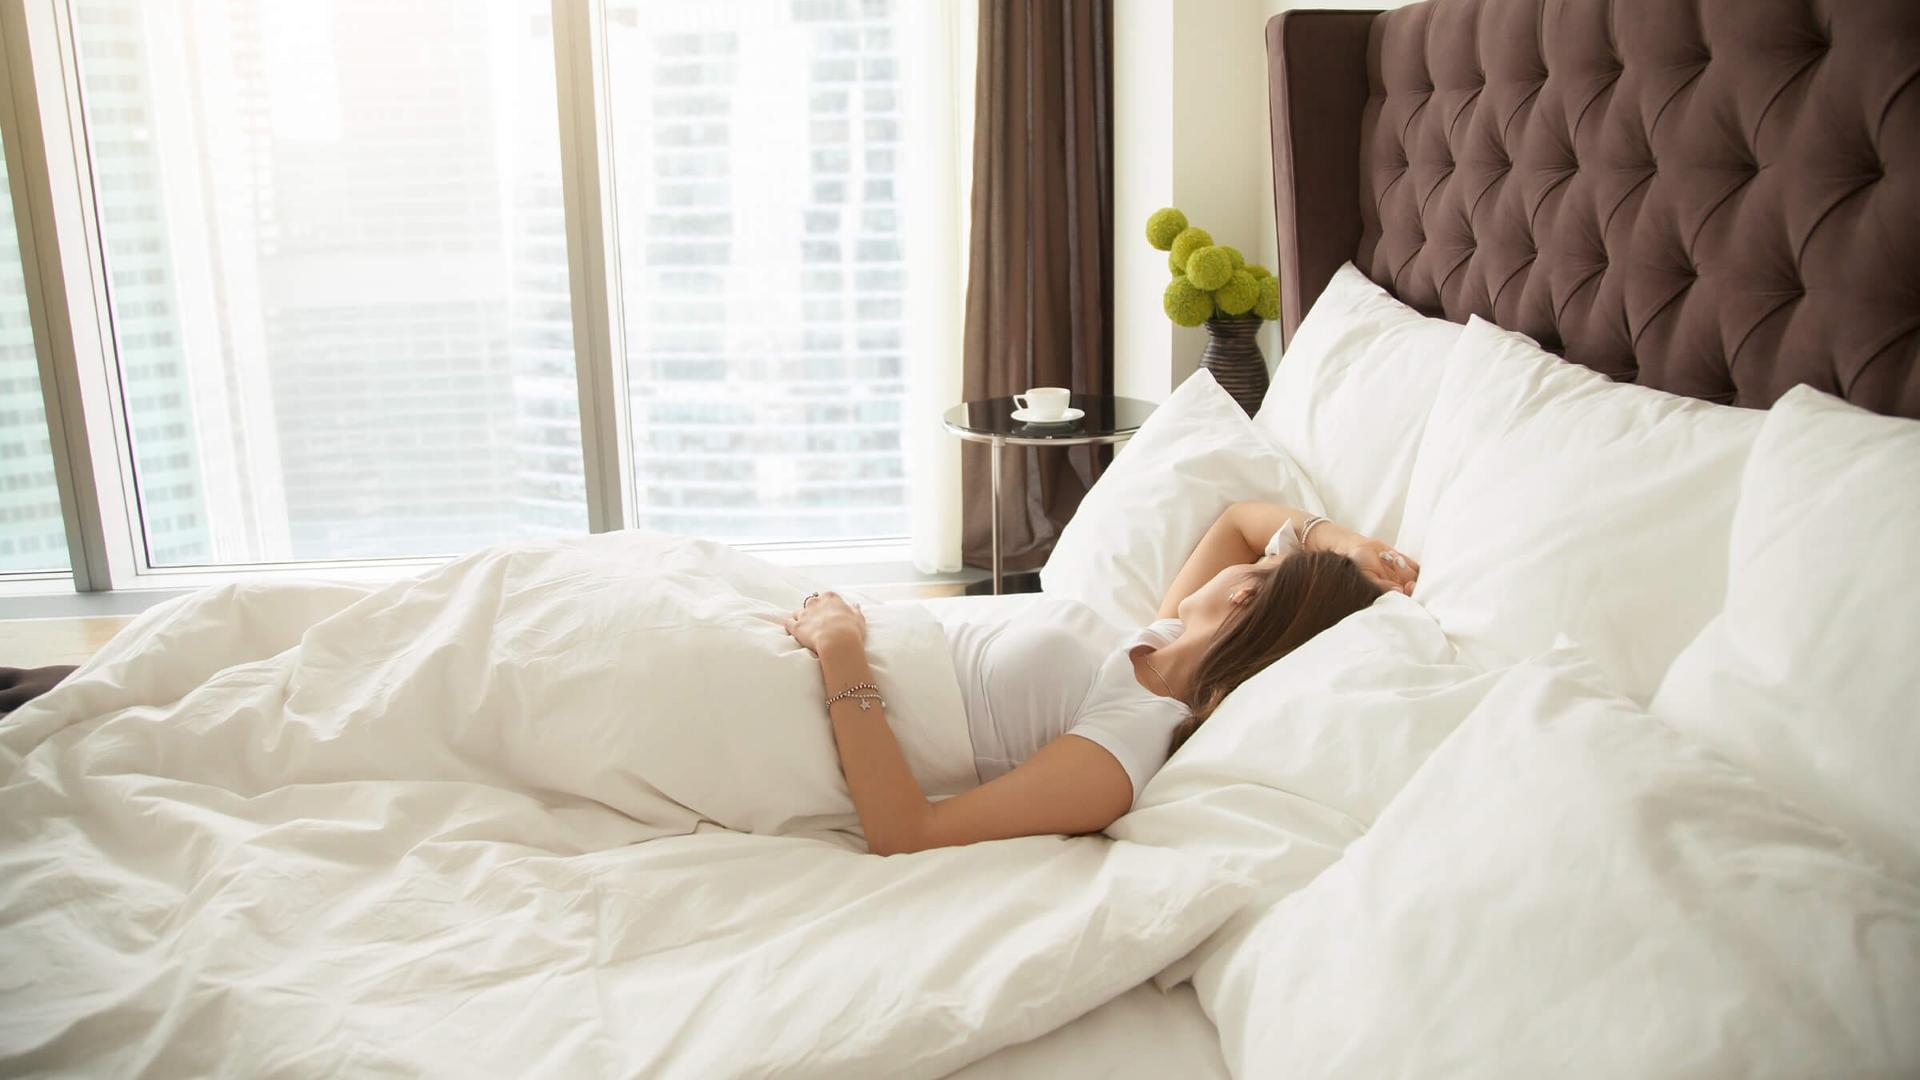 Дополнительный сон на выходных не спасает от нарушений обмена веществ